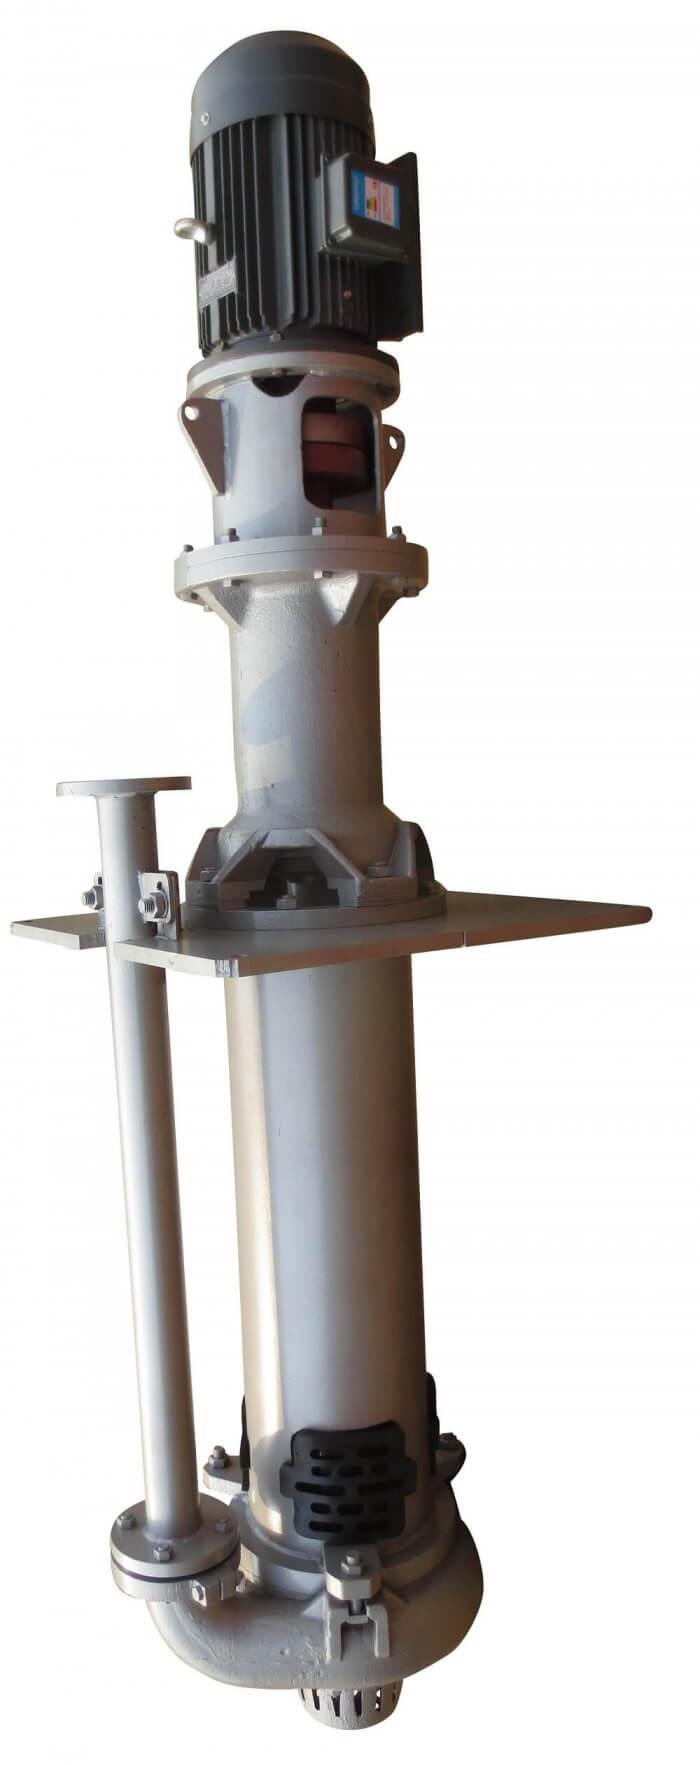 galigher vertical sump pumps (2)